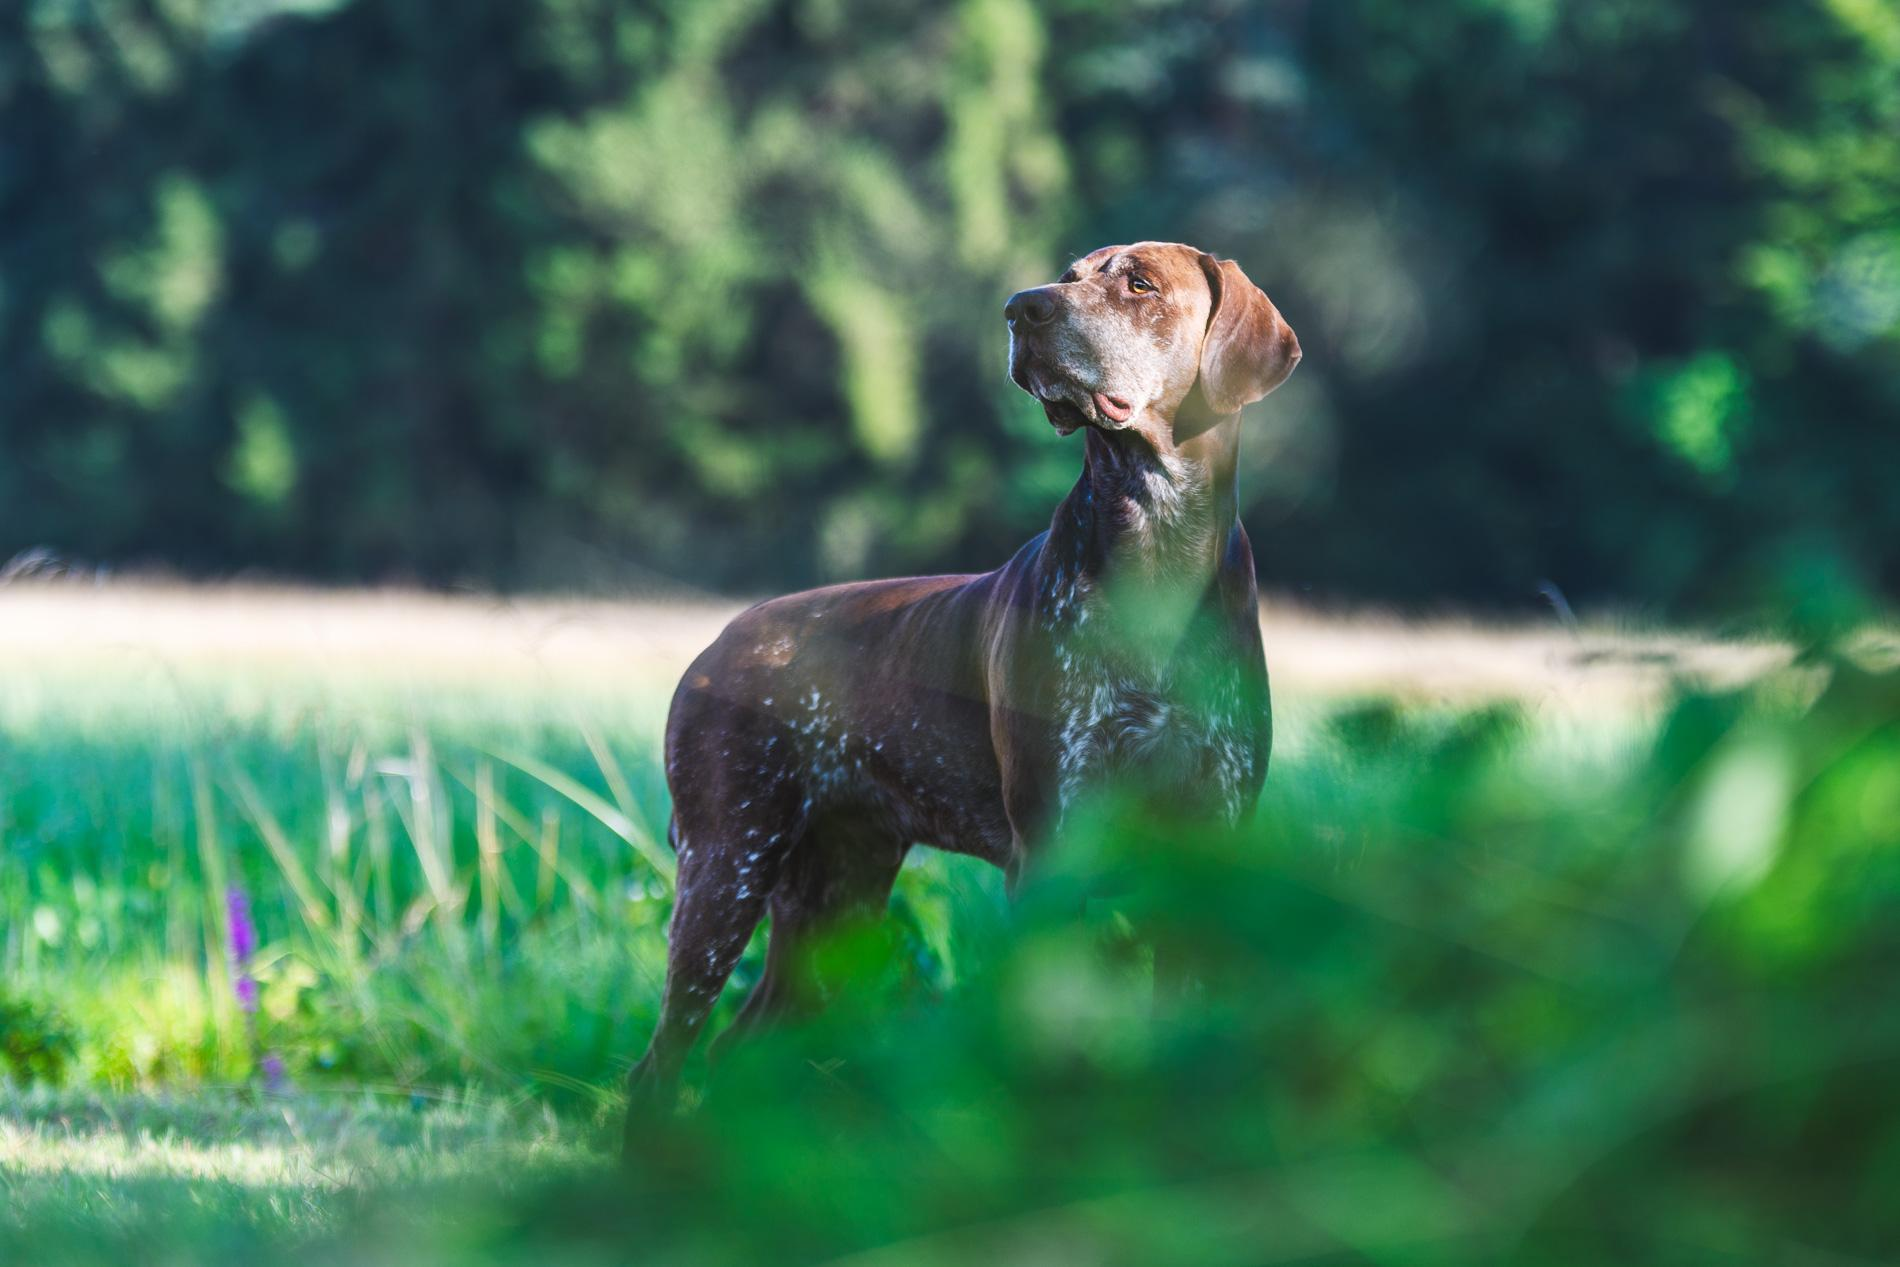 Nemški kratkodlaki ptičar Maj fotografiran v naravi, fotografiranje psov v naravi, pasja fotografija